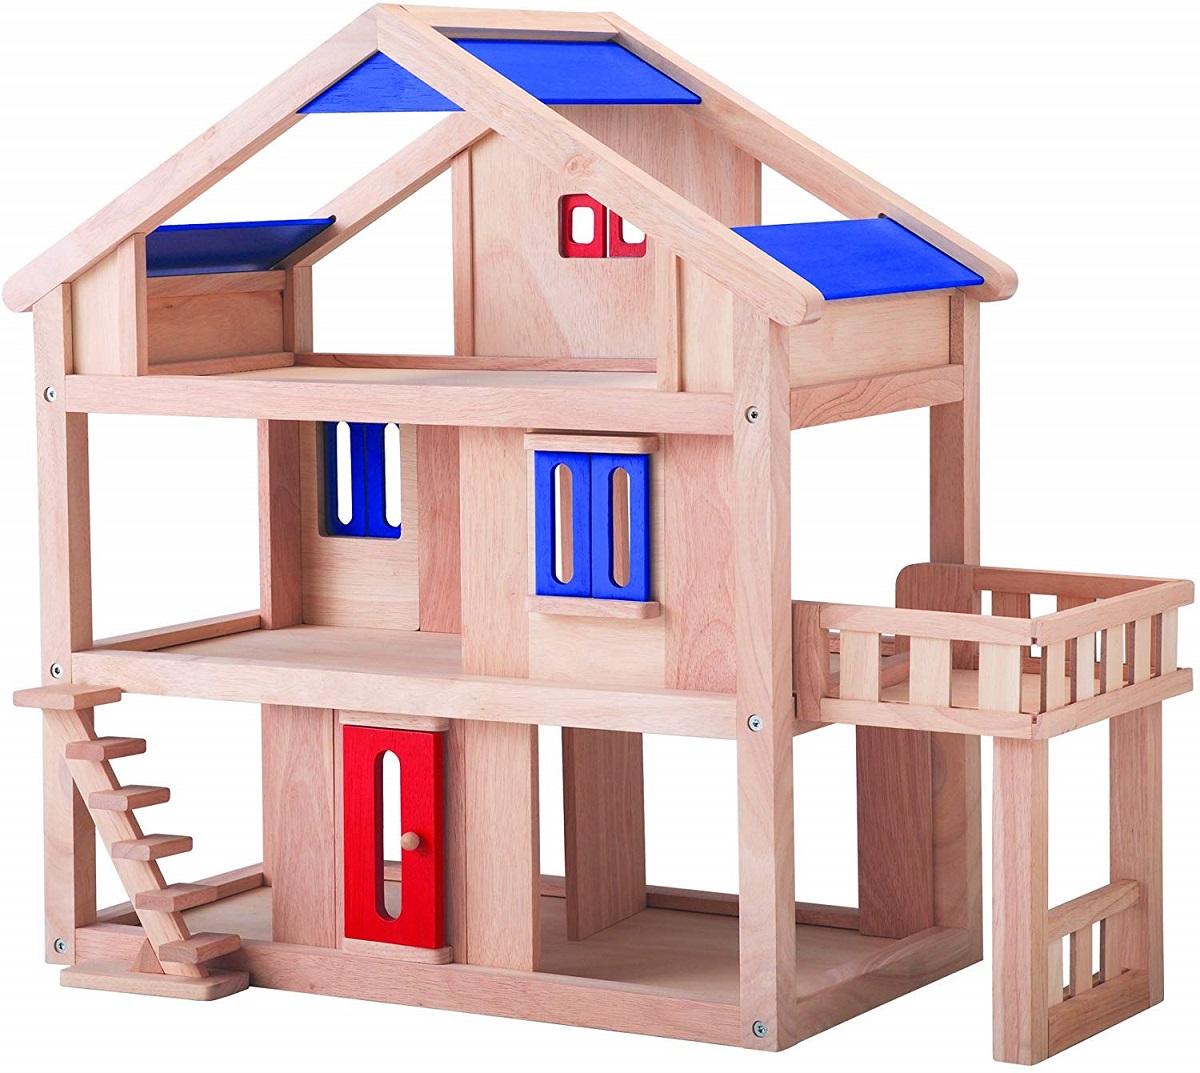 PLANTOYS 7150 新テラスドールハウスデザインと品質に優れた 環境に優しい 木のおもちゃテラスと間仕切り、窓、ドア、階段が動かせるドールハウス商品サイズ:55.0×43.9×61.5cm対象性別 :男女共用対象年齢 :3歳から